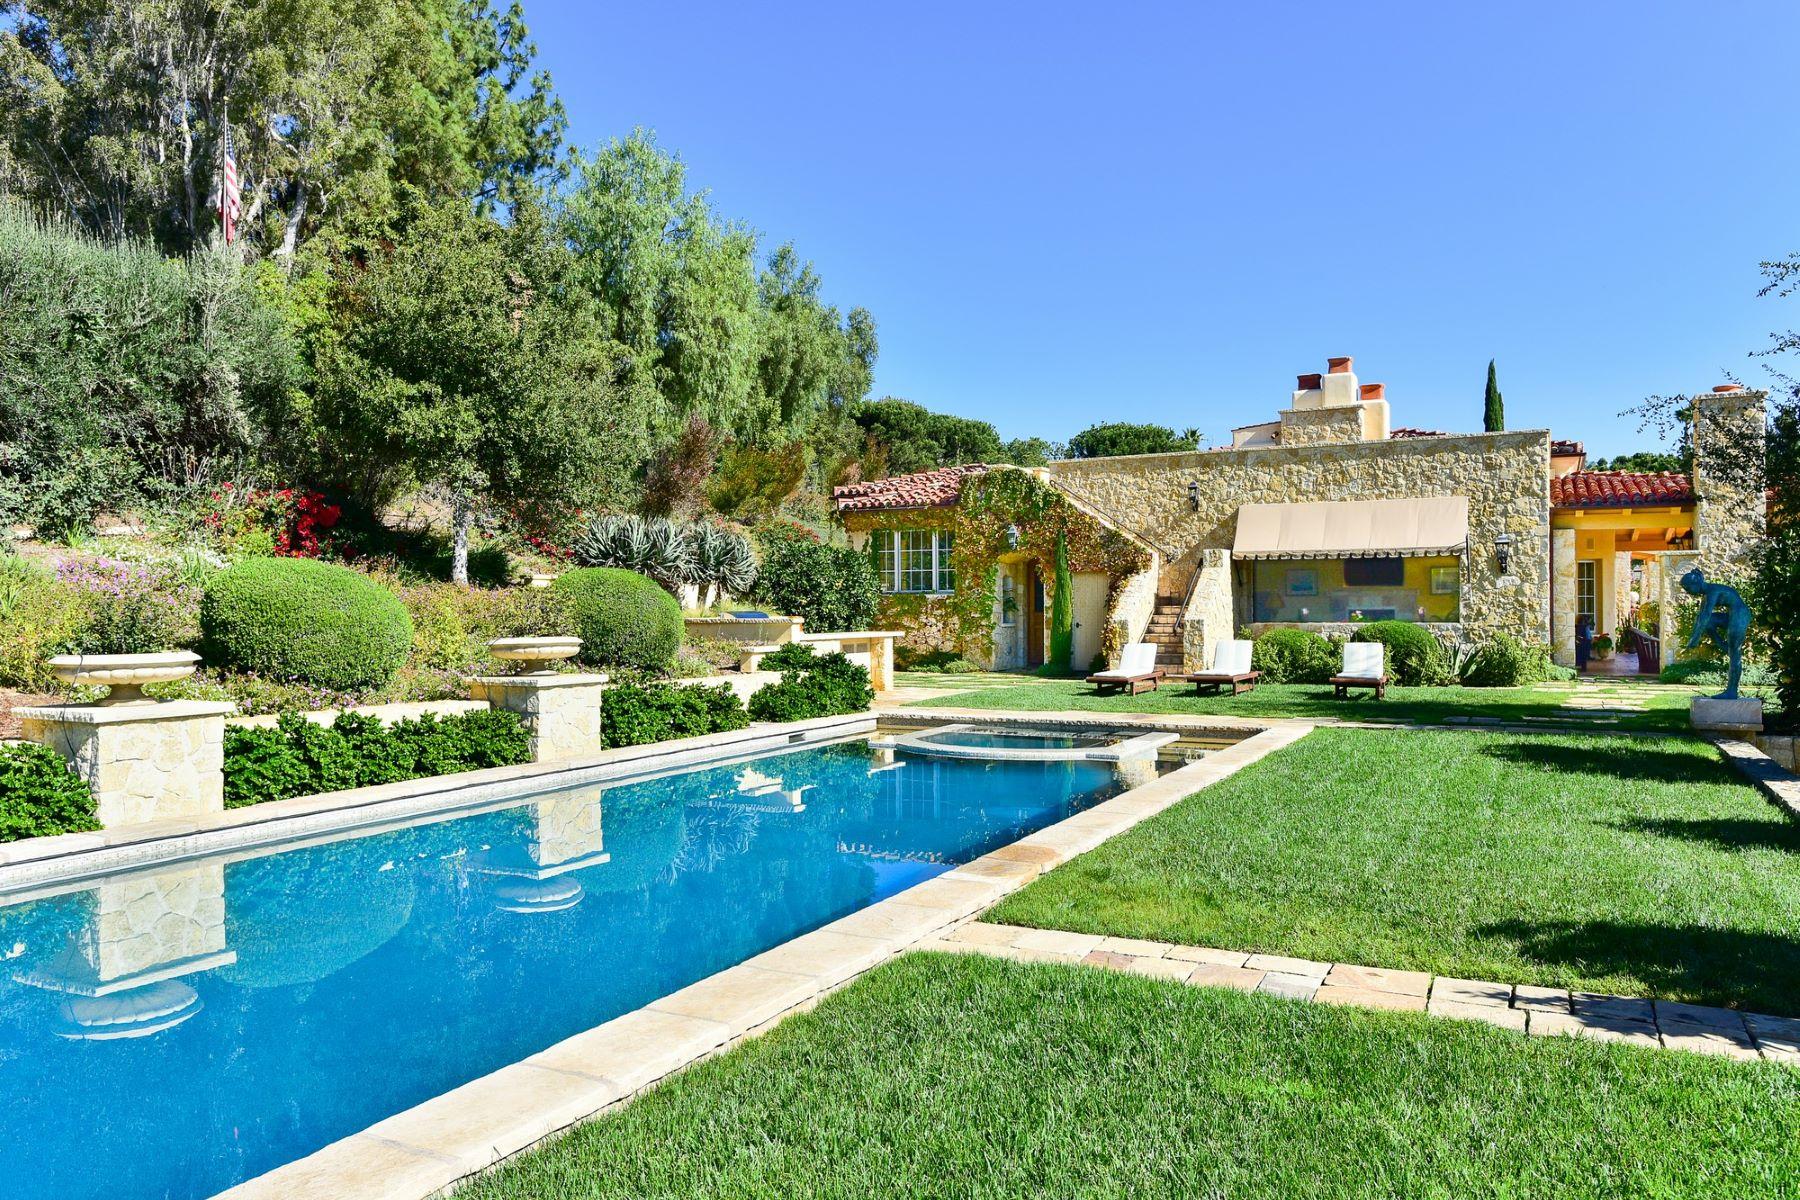 Single Family Home for Active at 6020 El Camino Del Norte 6020 El Camino Del Norte Rancho Santa Fe, California 92067 United States